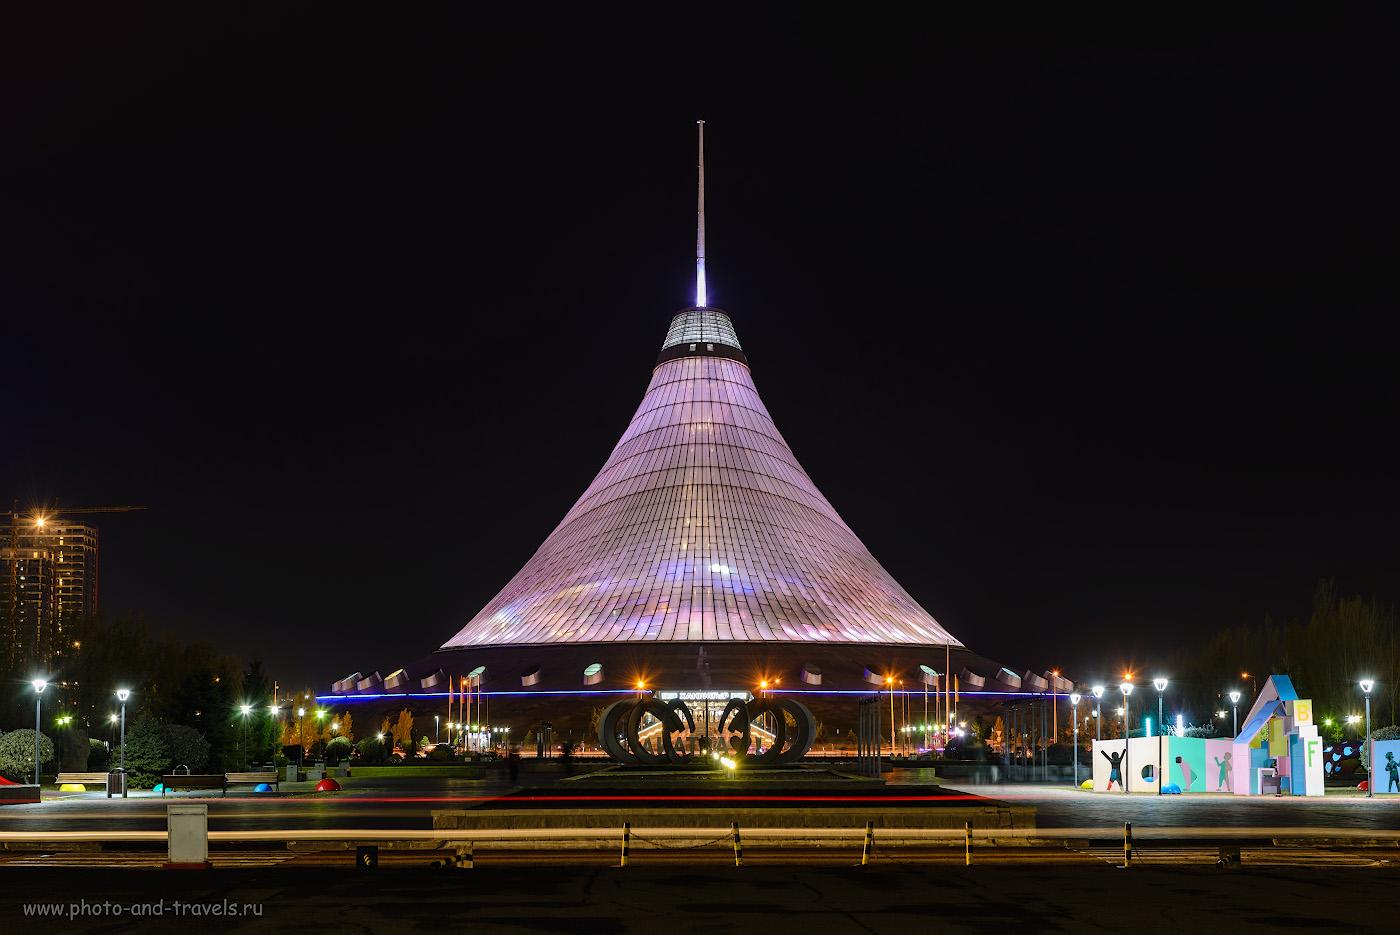 Фото 19. Шатер «Хан-Шатыр» в Астане. Наряду с «Байтереком» – одно из самых известных зданий столицы Казахстана. Отзывы о просмотре достопримечательностей за полдня. 15.0, +0.67, 9.0, 100, 70.